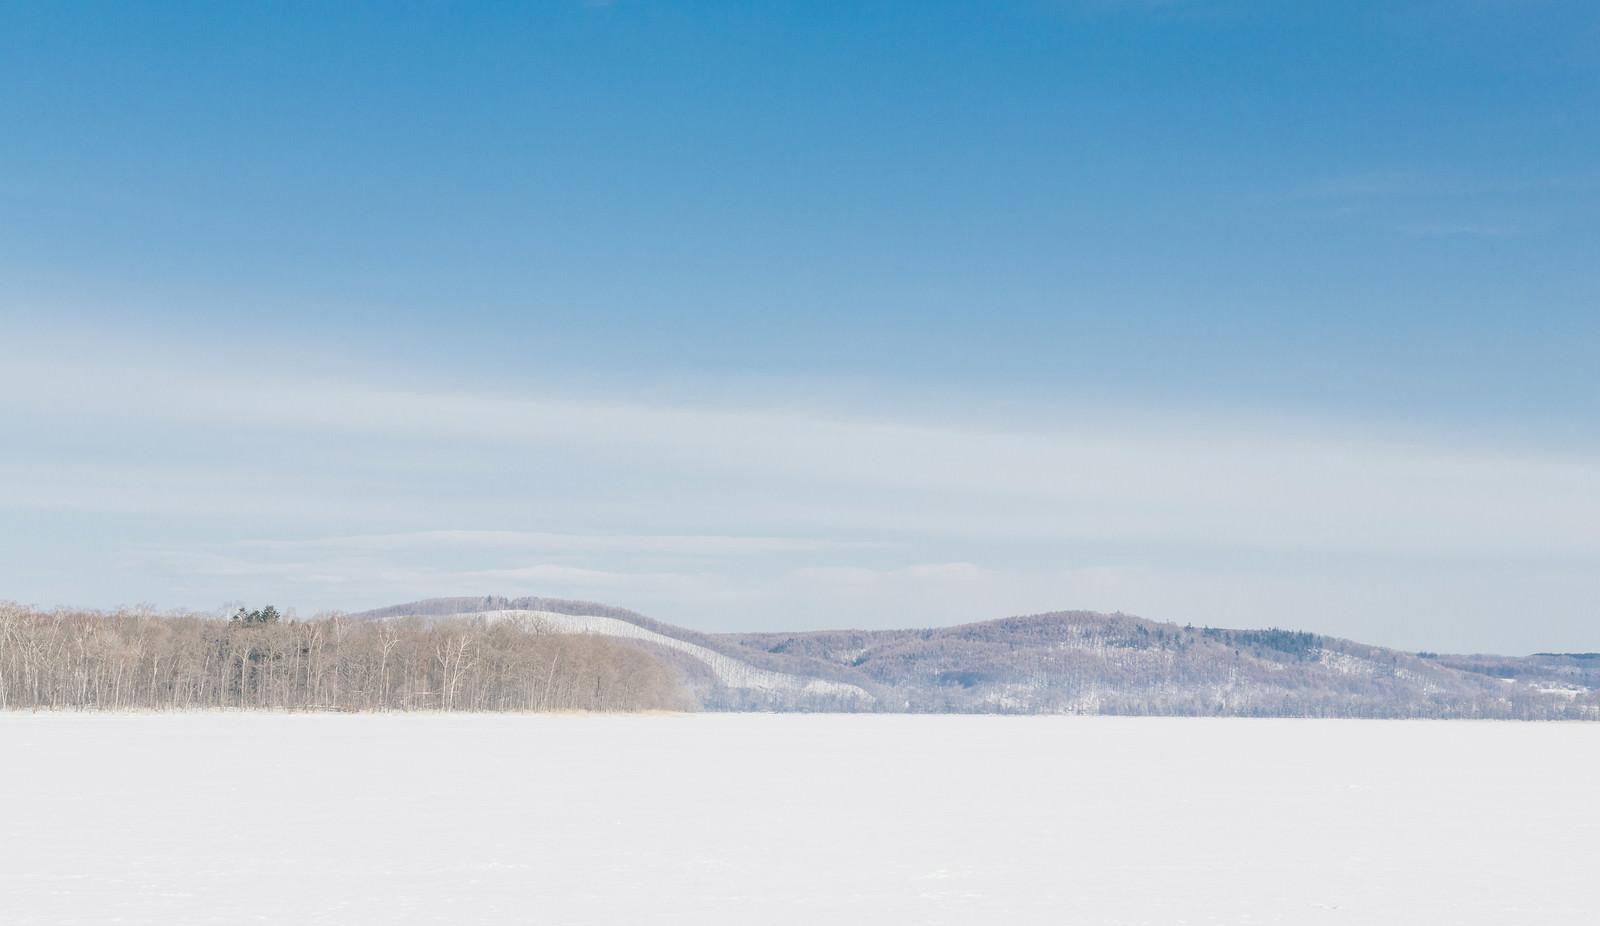 「冬の網走湖からの景観」の写真